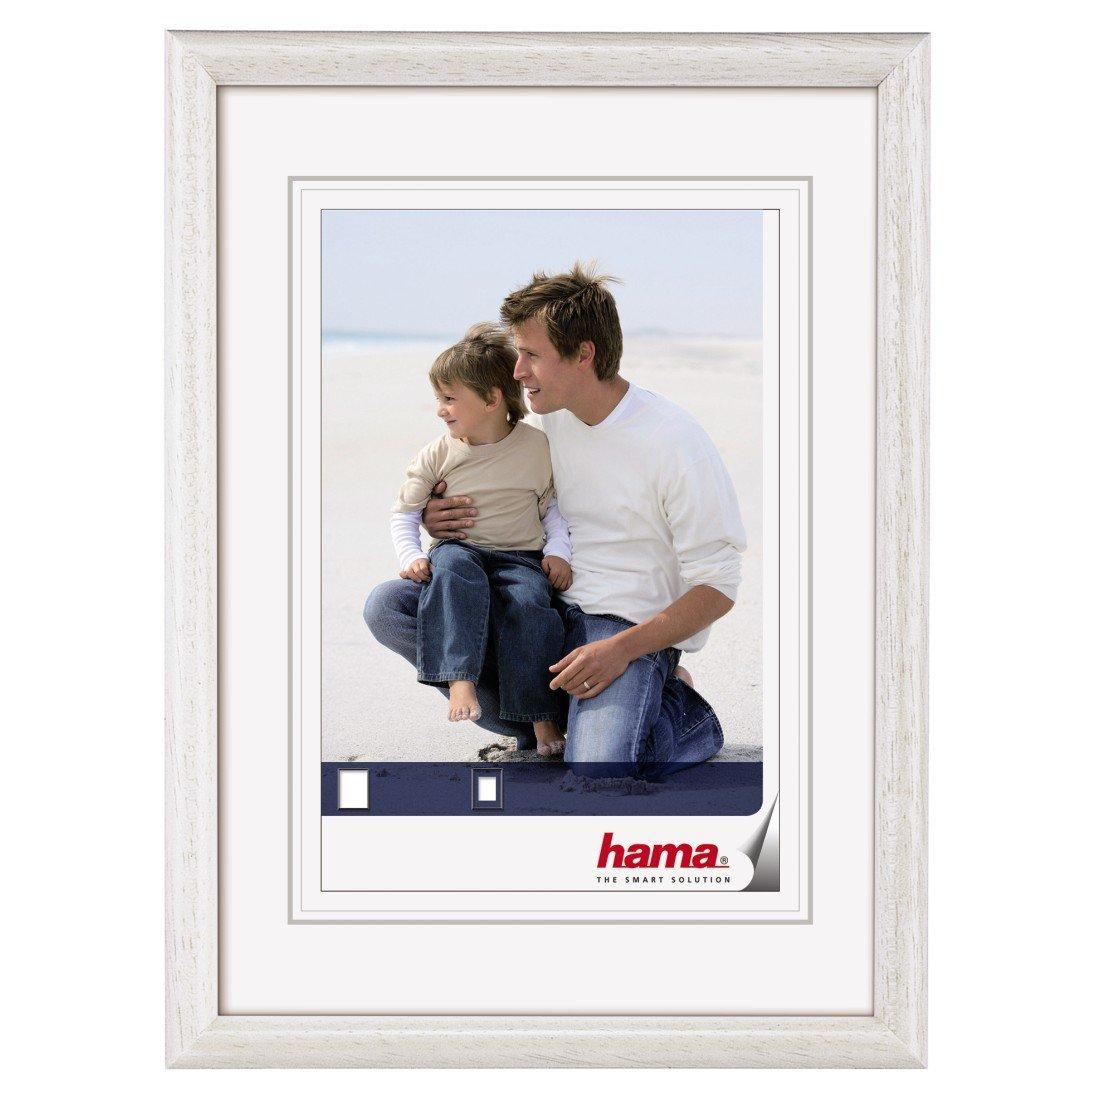 blanc 13 x 18 cm Hama Cadre photo en bois Oregon